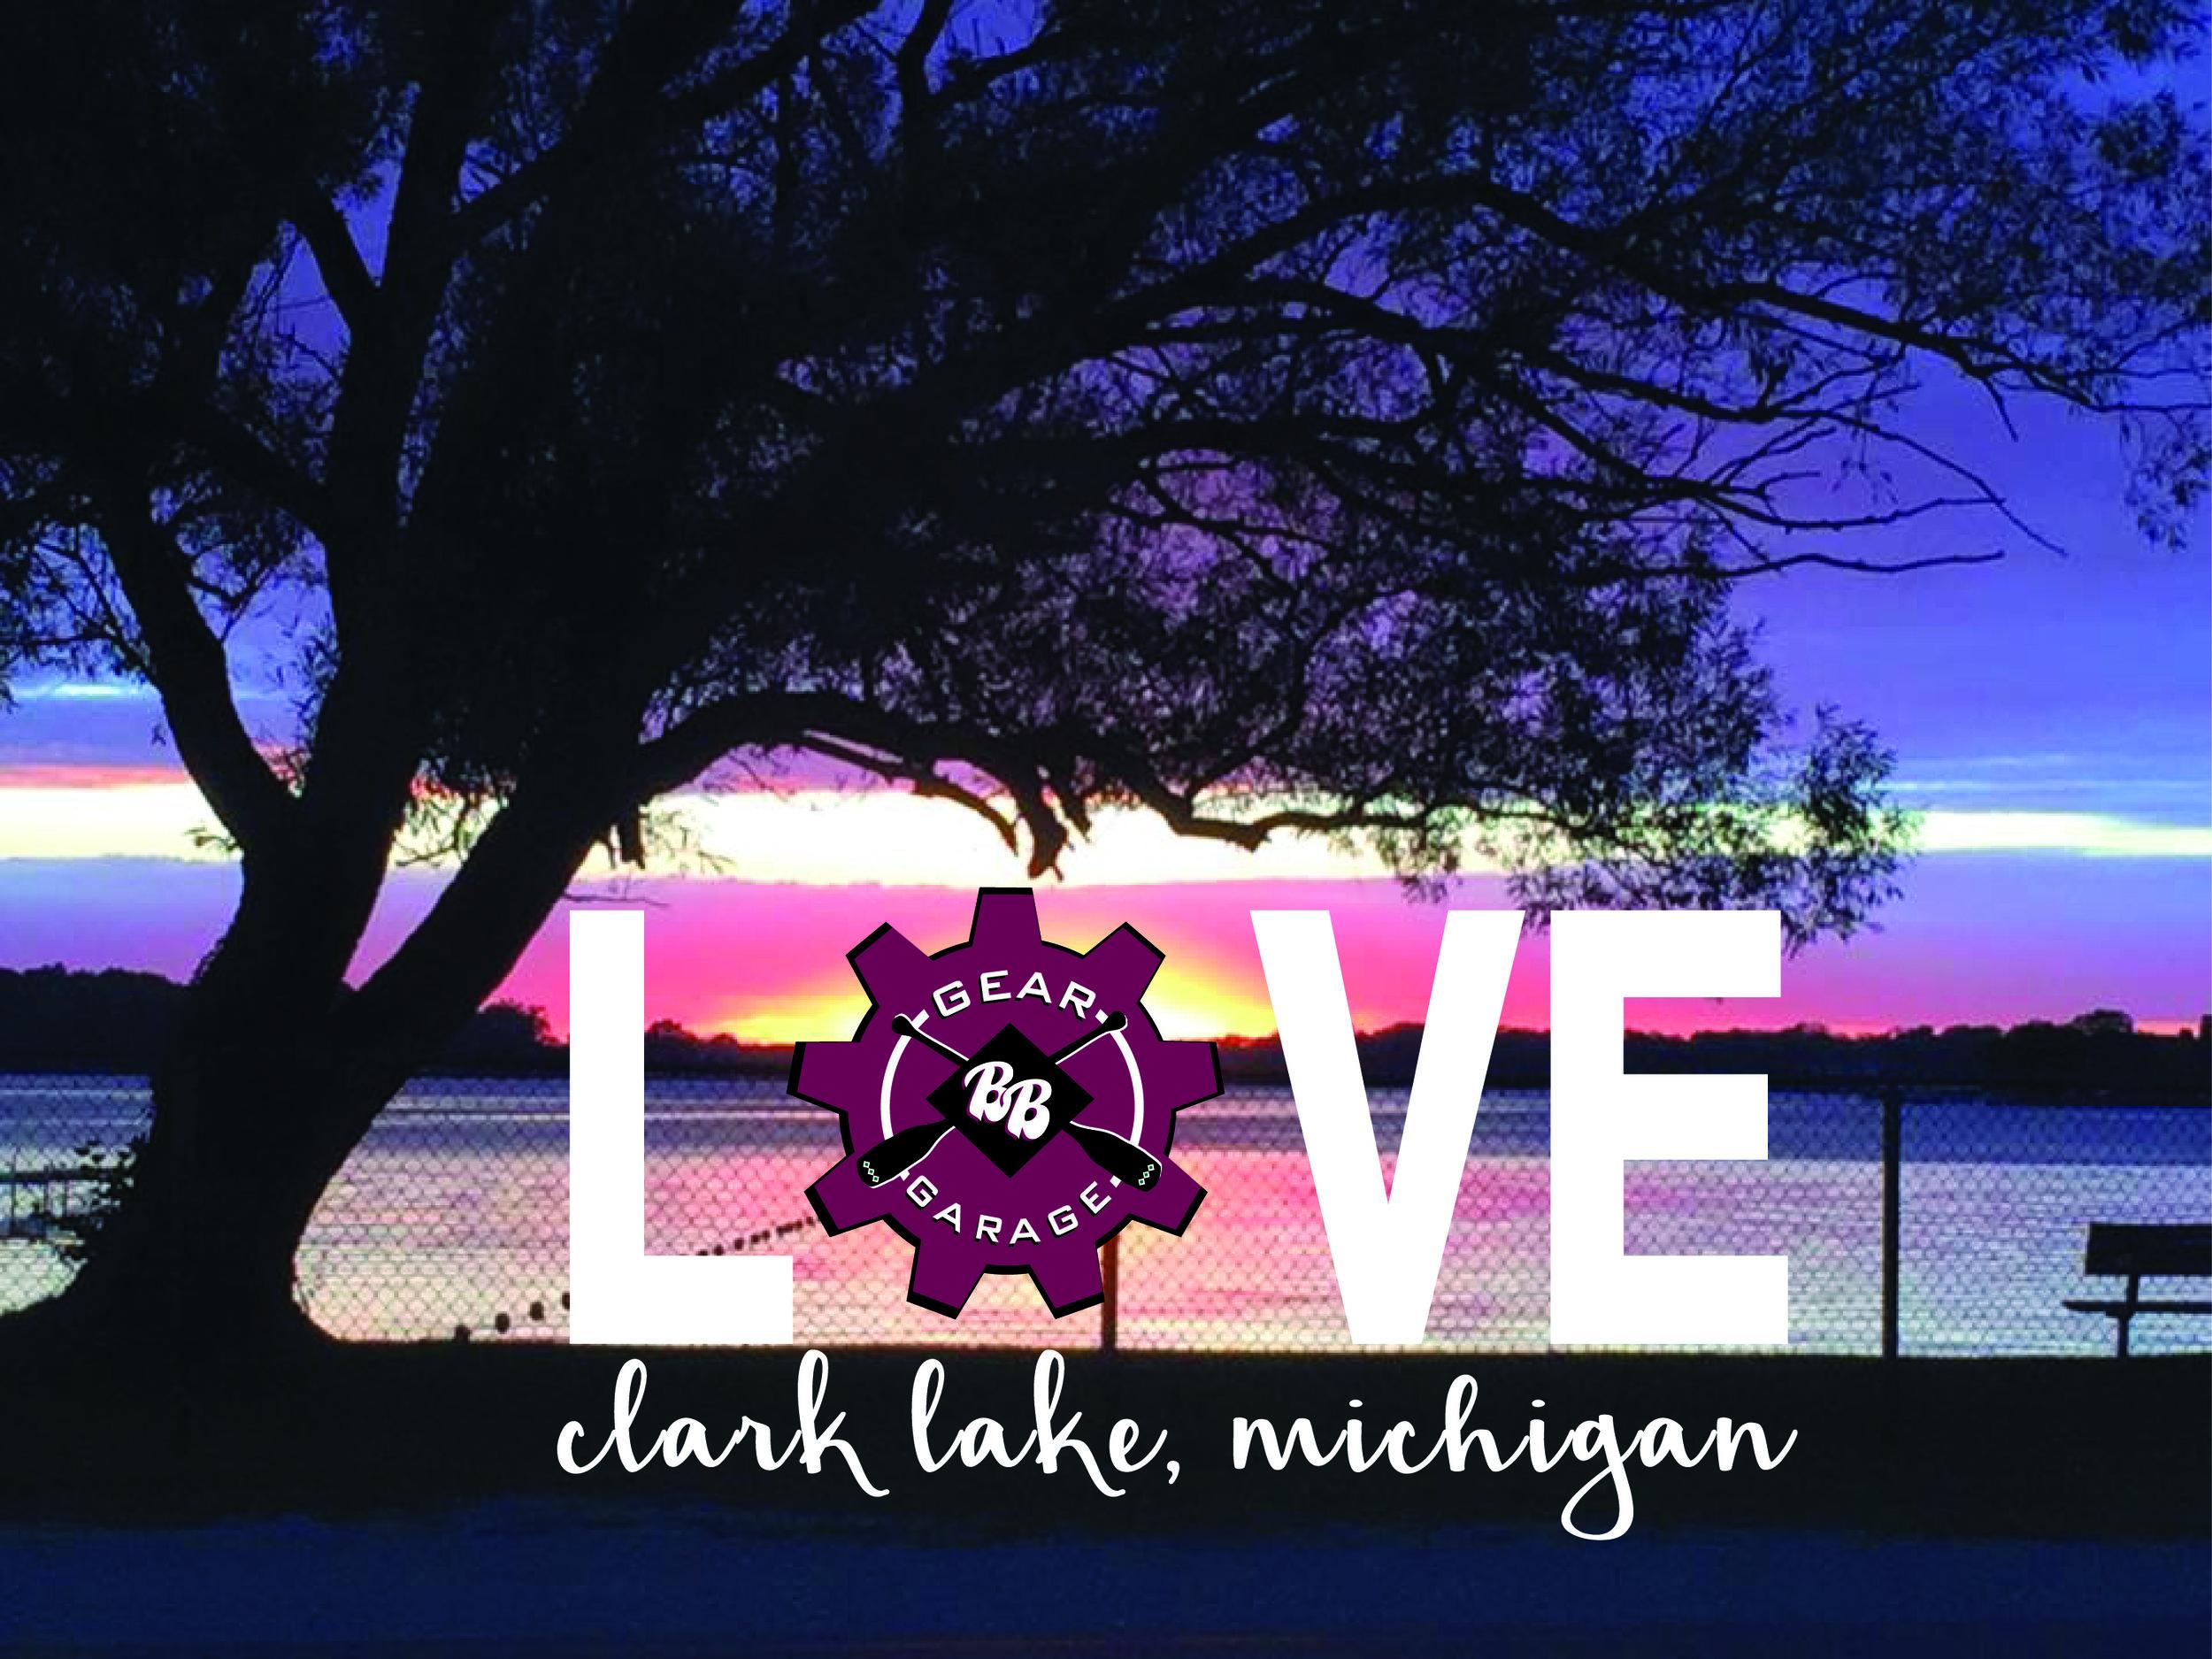 love clark lake.fb.jpg